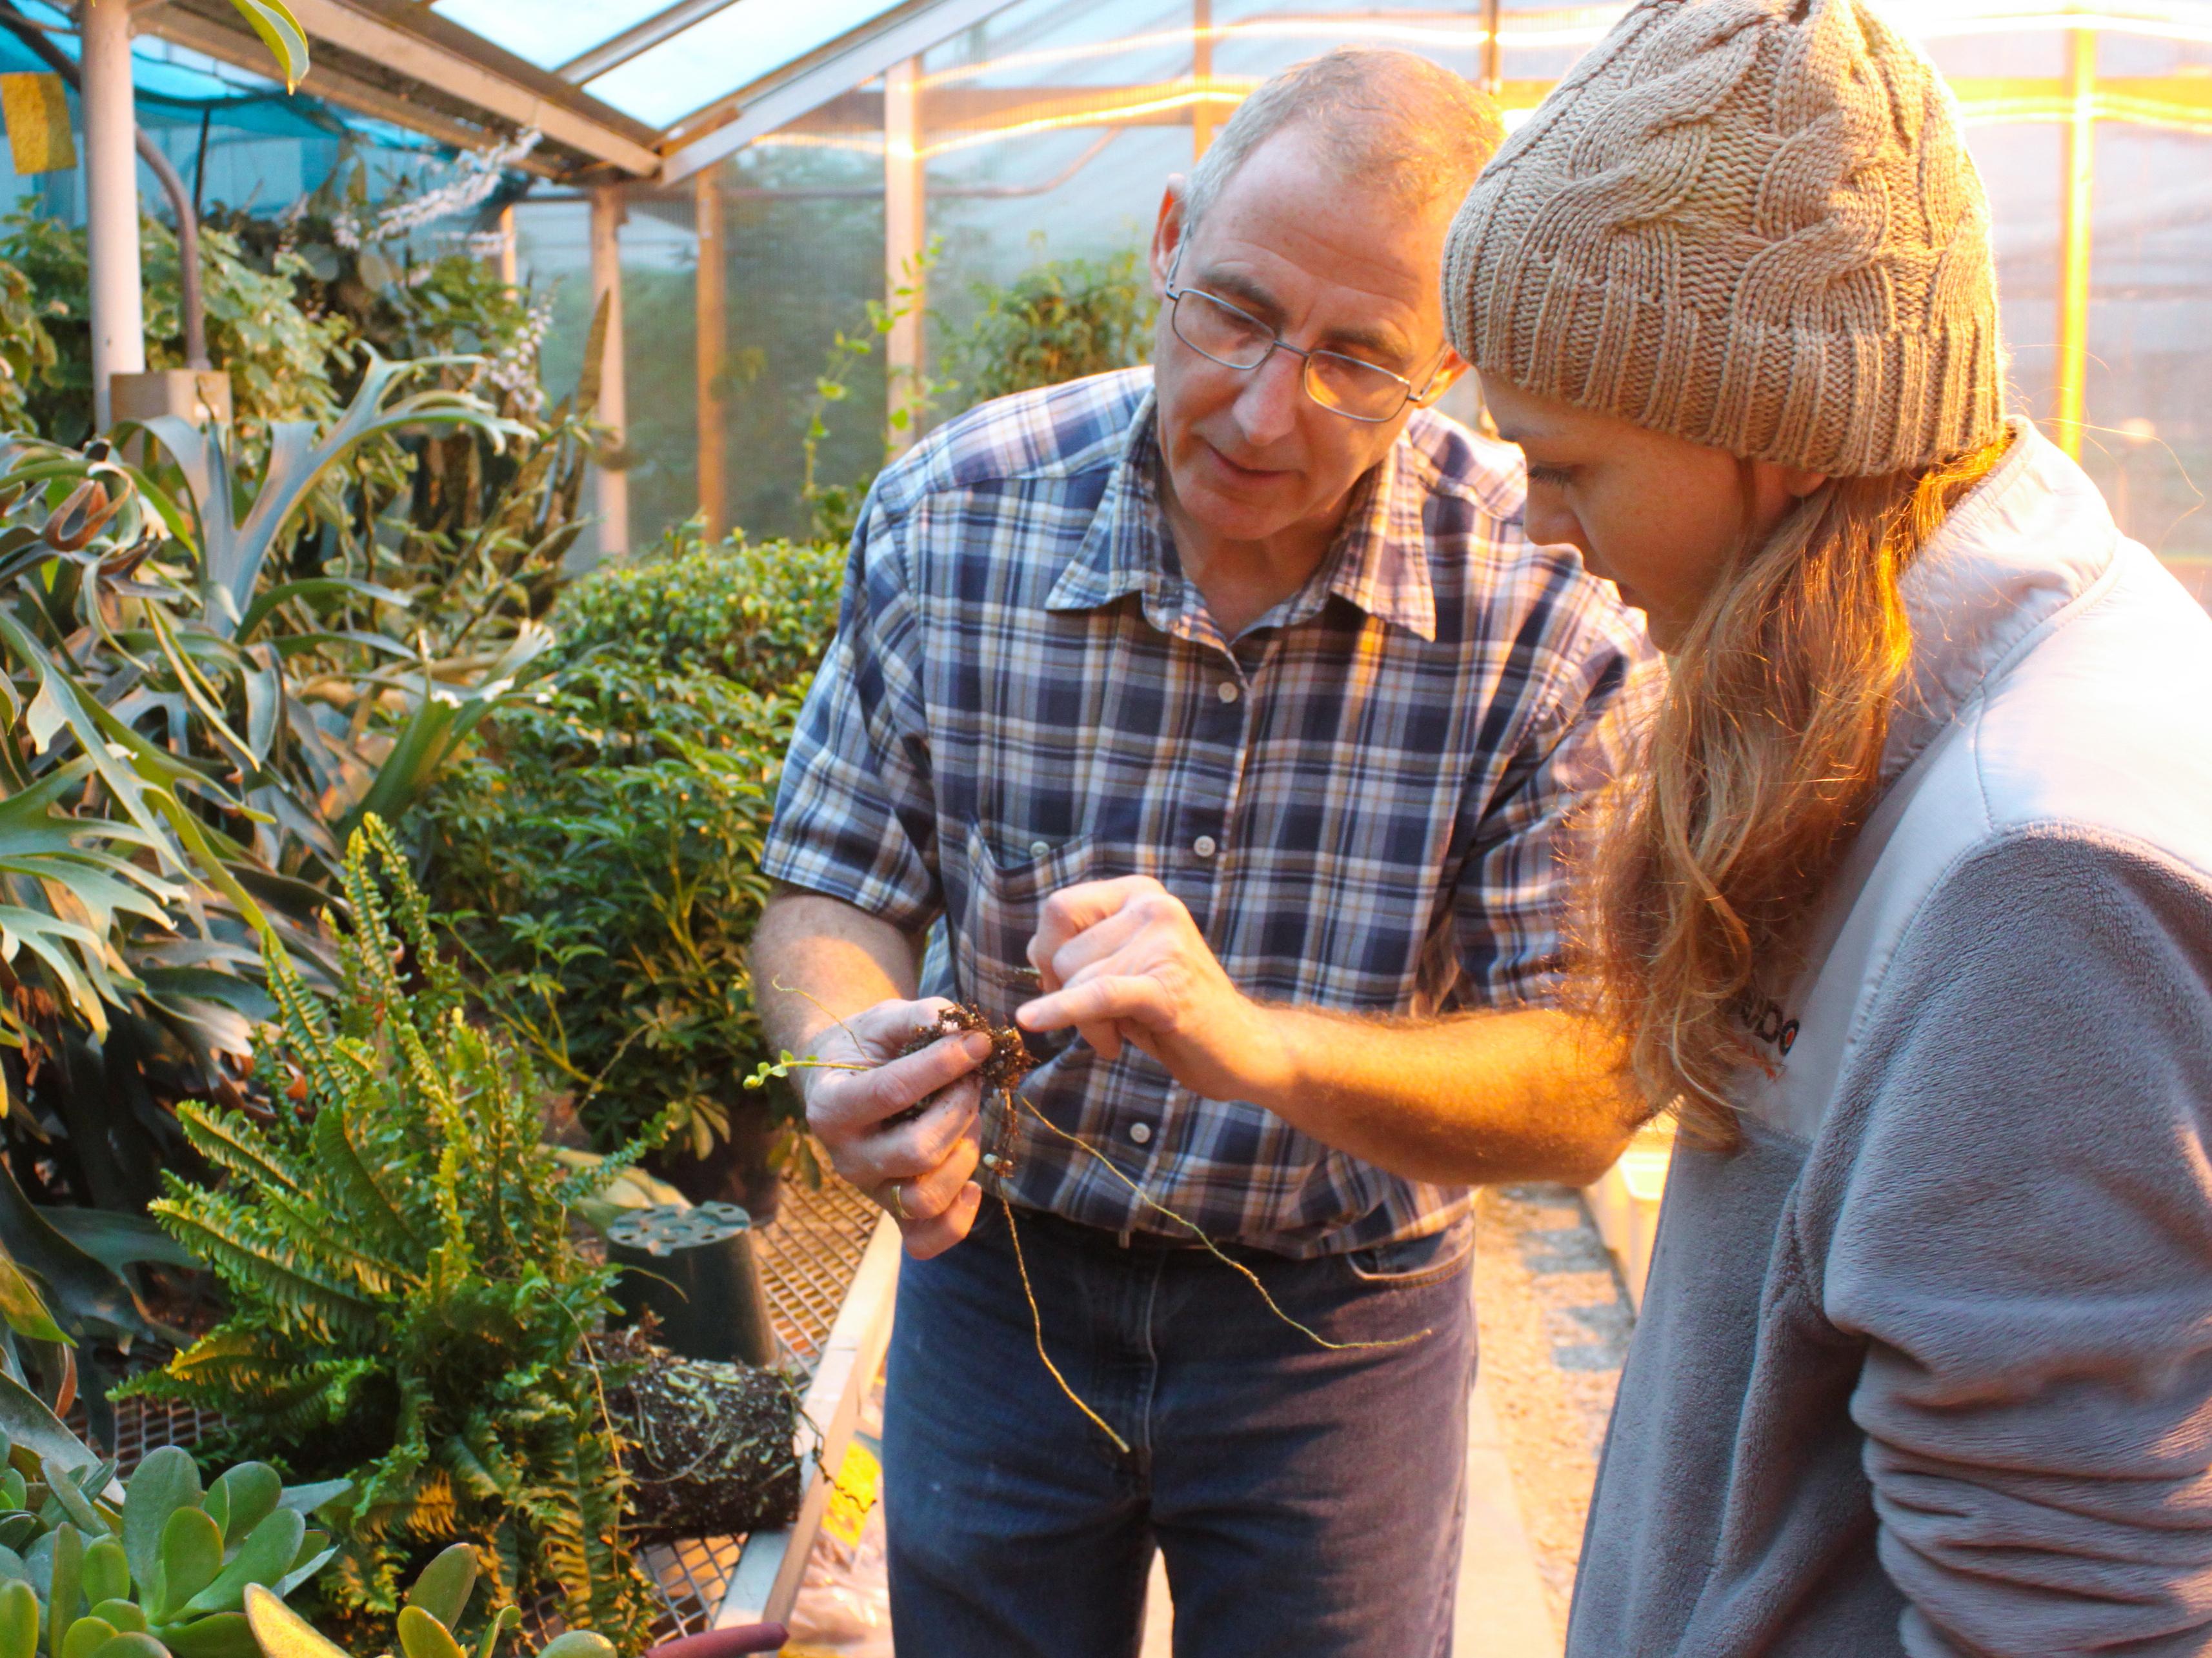 Associate Professor of Practice Stacy Adams with horticulture student Colleen Ocken.